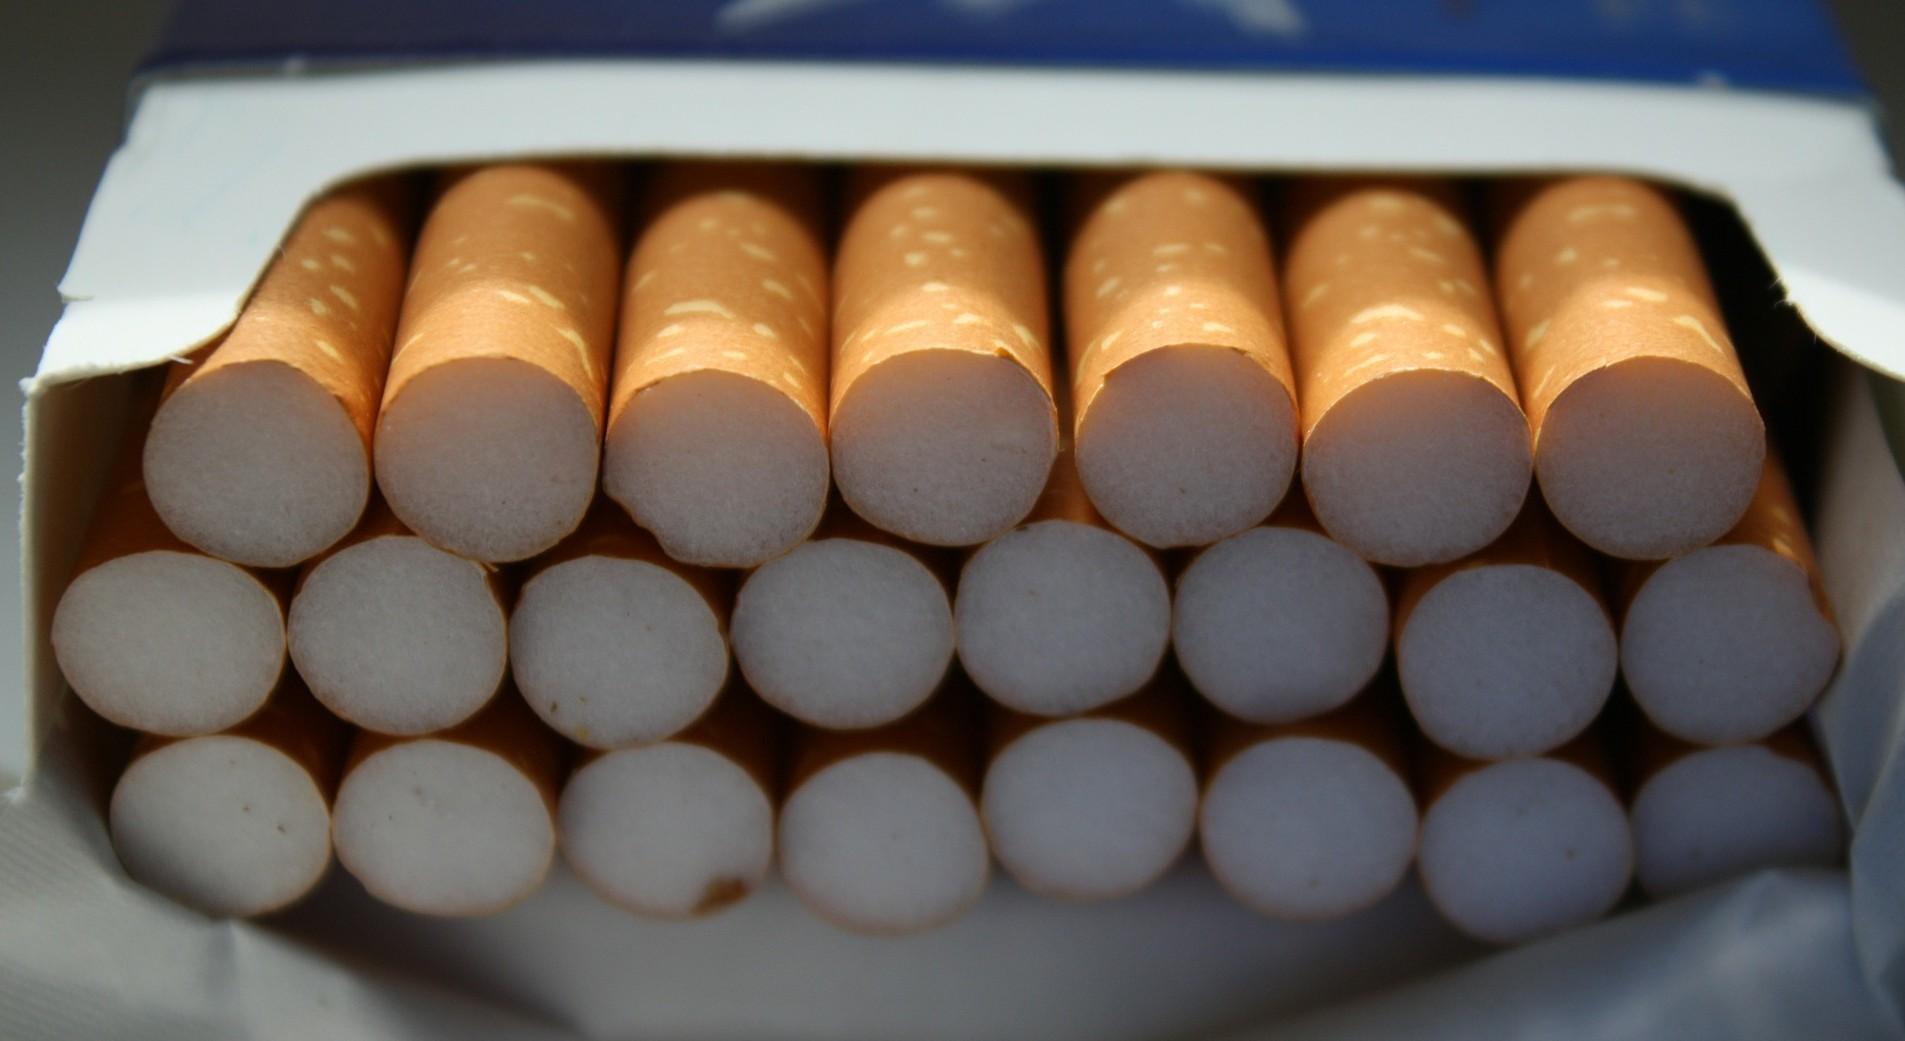 Cheap Kent cigarettes Detroit